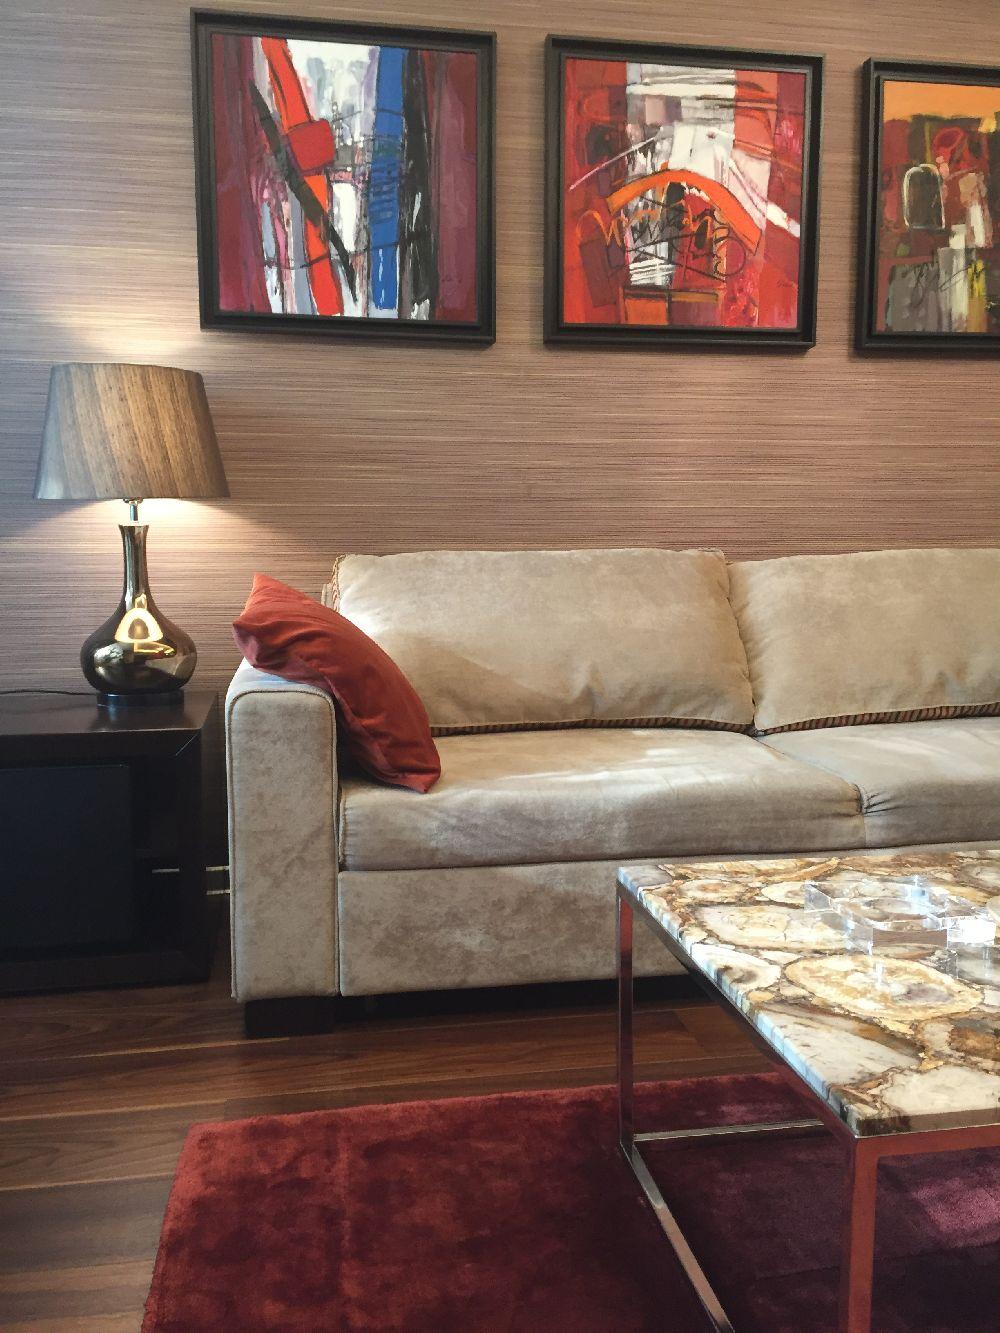 adelaparvu.com despre amenajare lux apartament 2 camere, 55 mp, Bucuresti, design interior arh Claudia Stefanescu, Foto Victor Oancea (25)